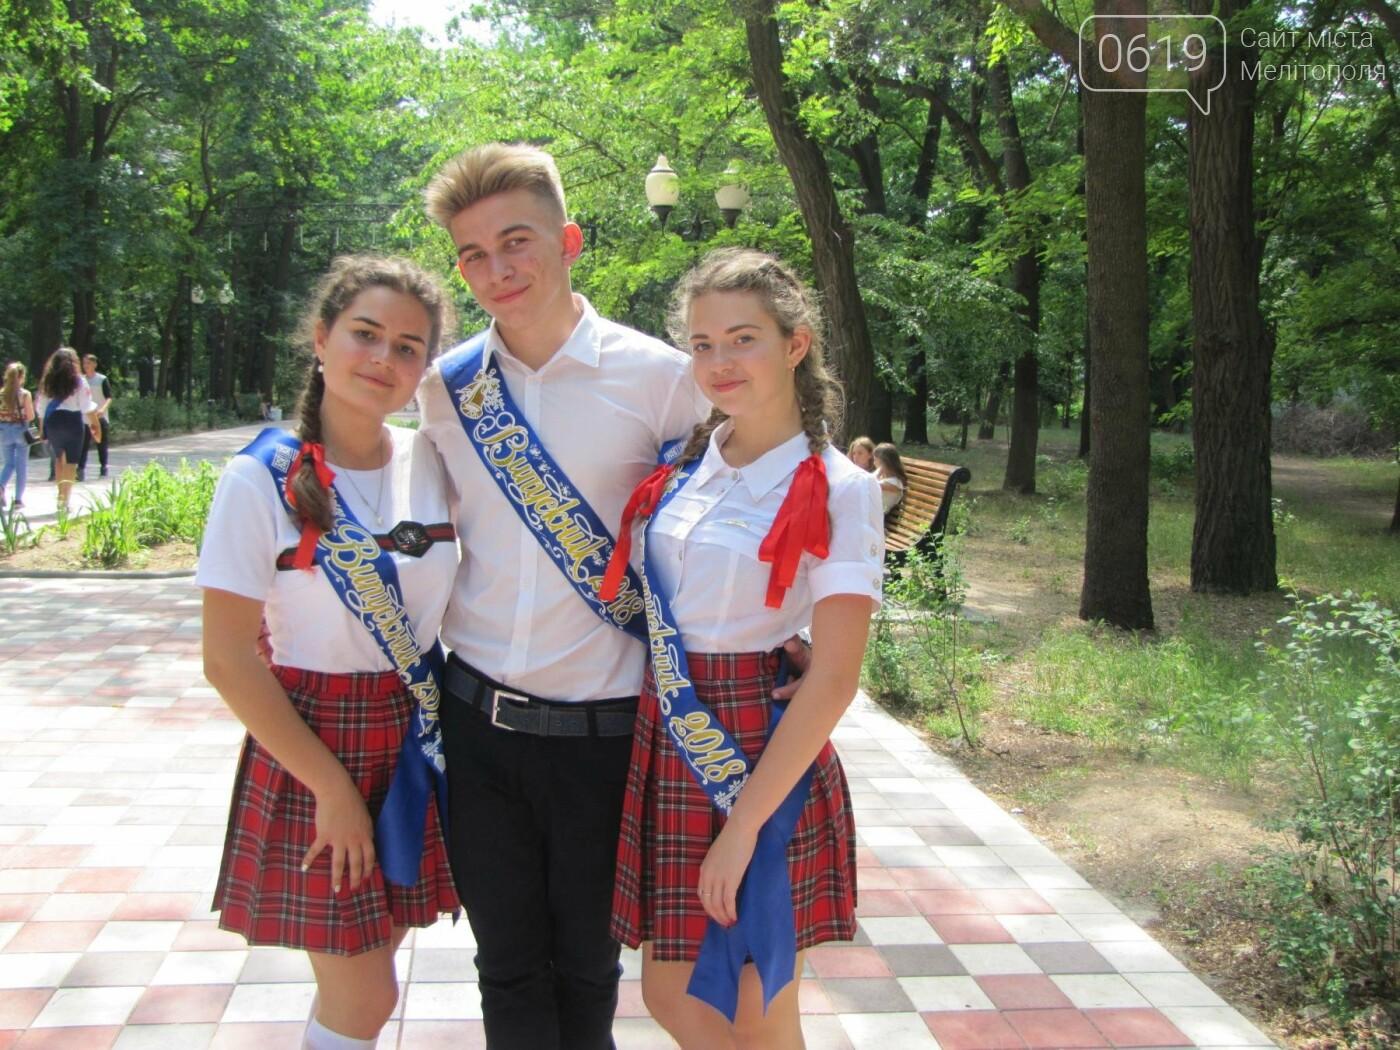 Мелитопольские выпускники не придерживаются единого стиля в нарядах, фото-1